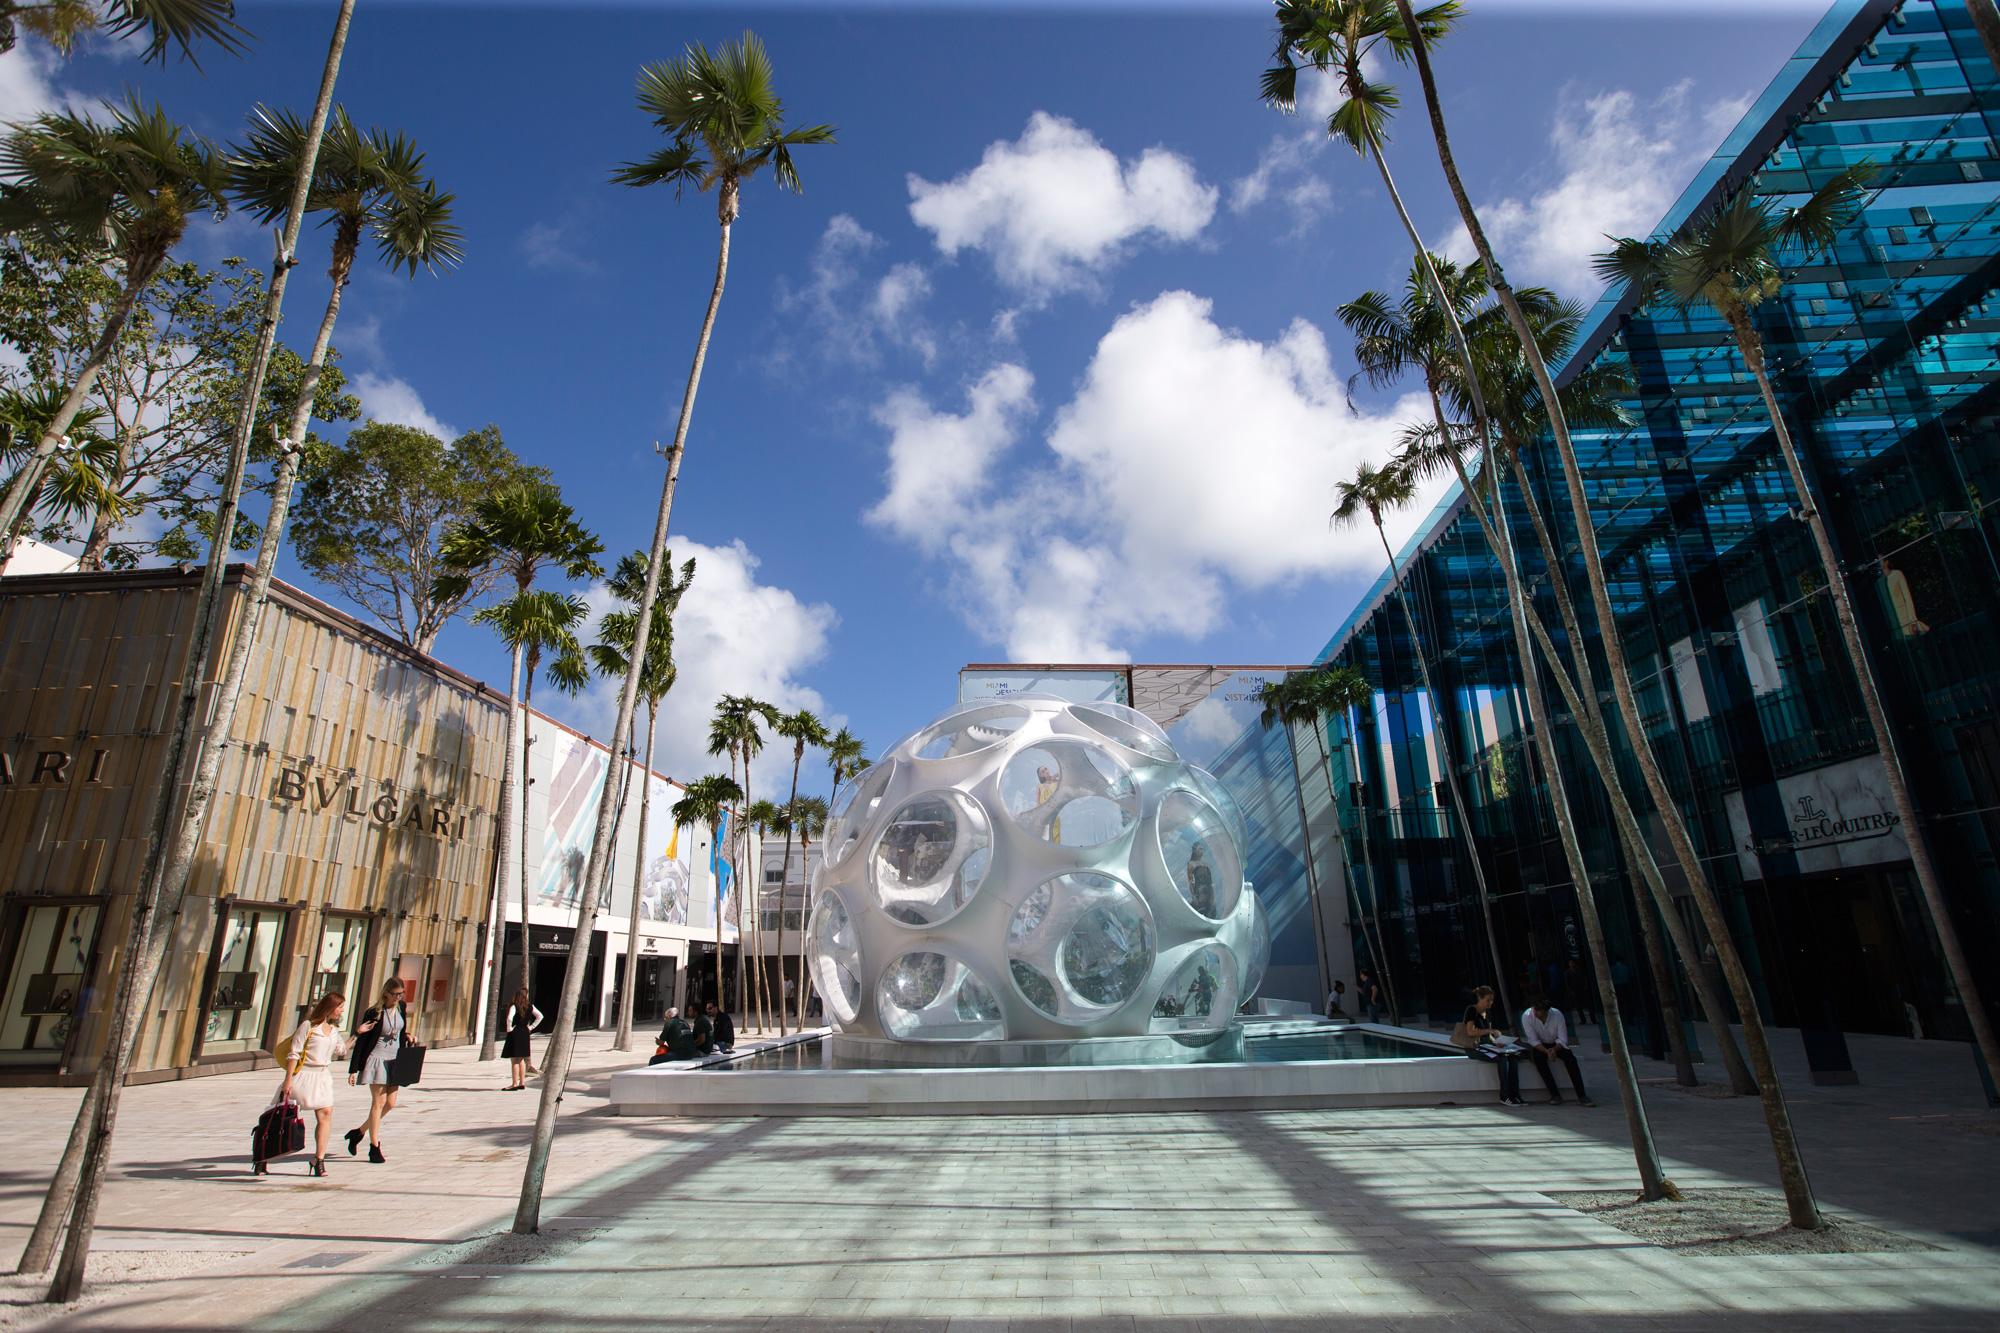 Guia-FFW-Florida-Miami-Beach-Miami-Design-District-2